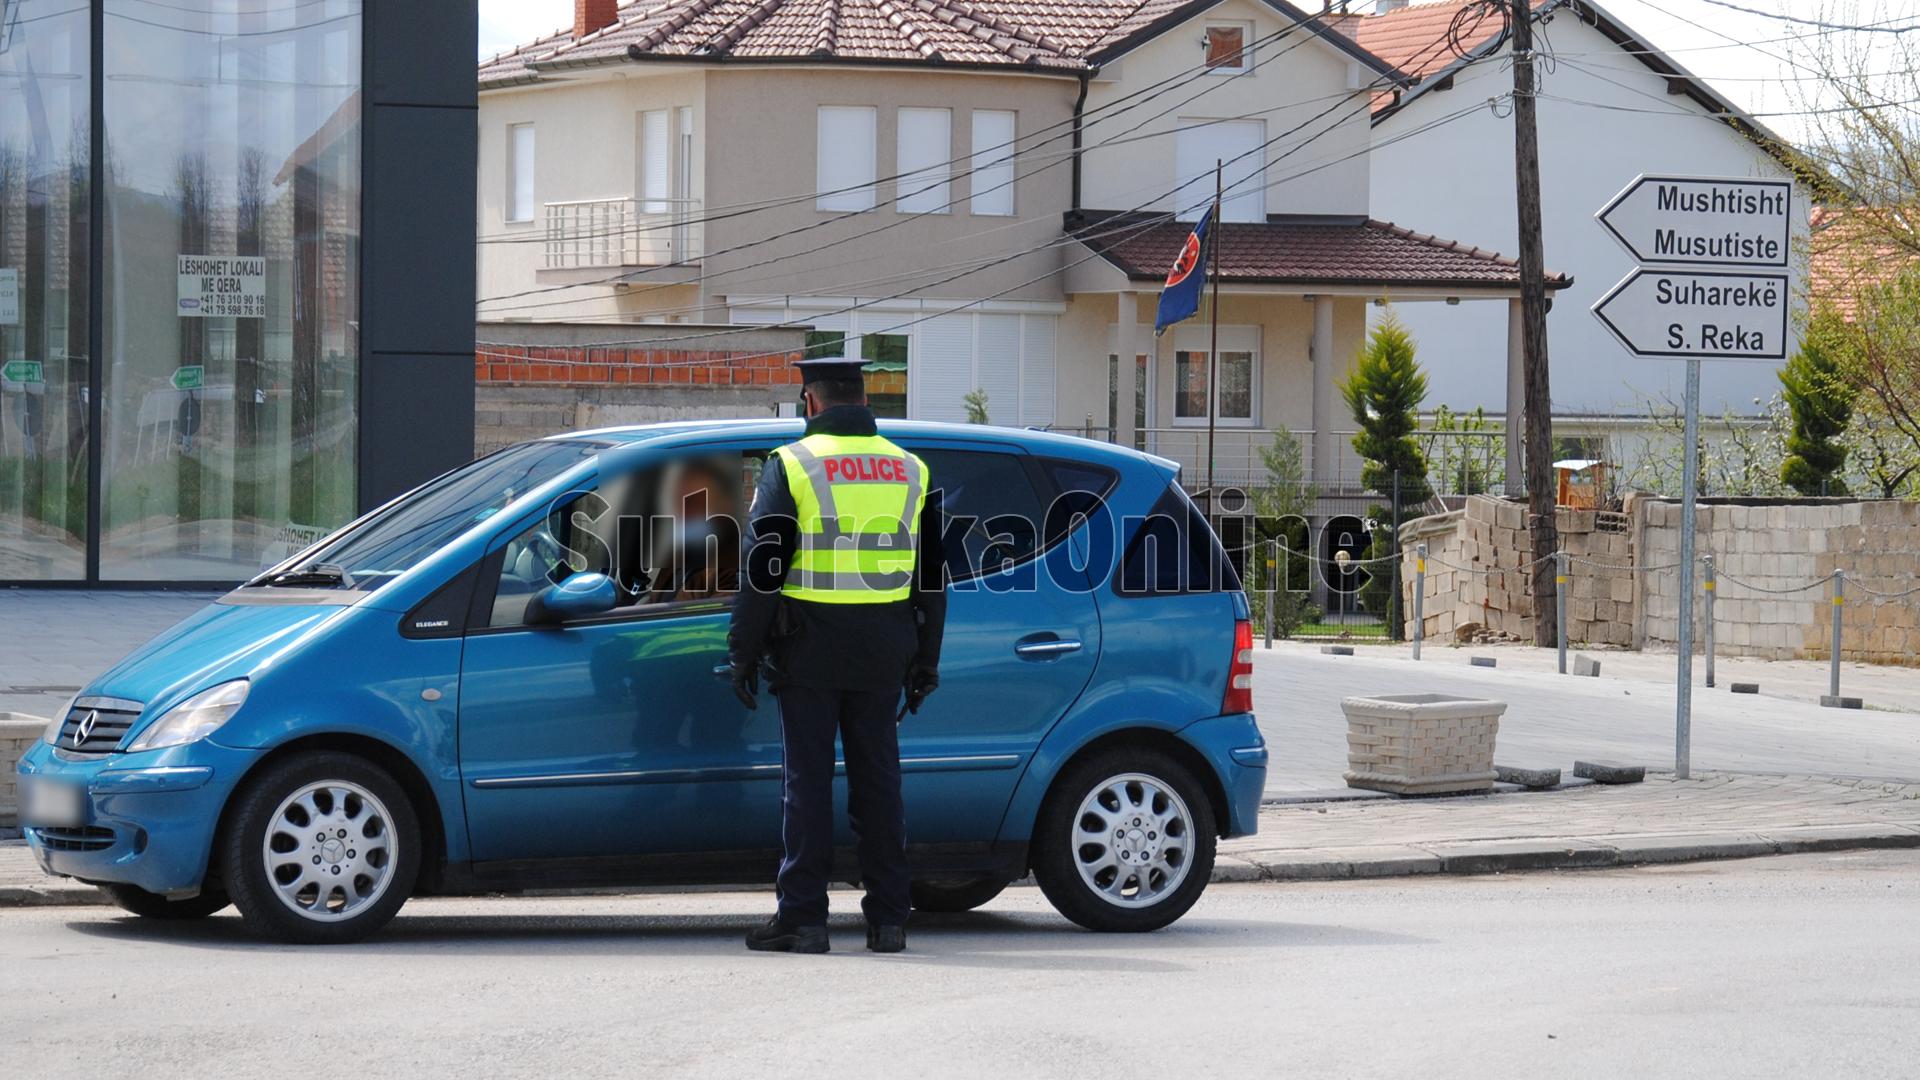 Brenda 24 ore – 52 aksidente dhe afër 1,500 tiketa trafiku